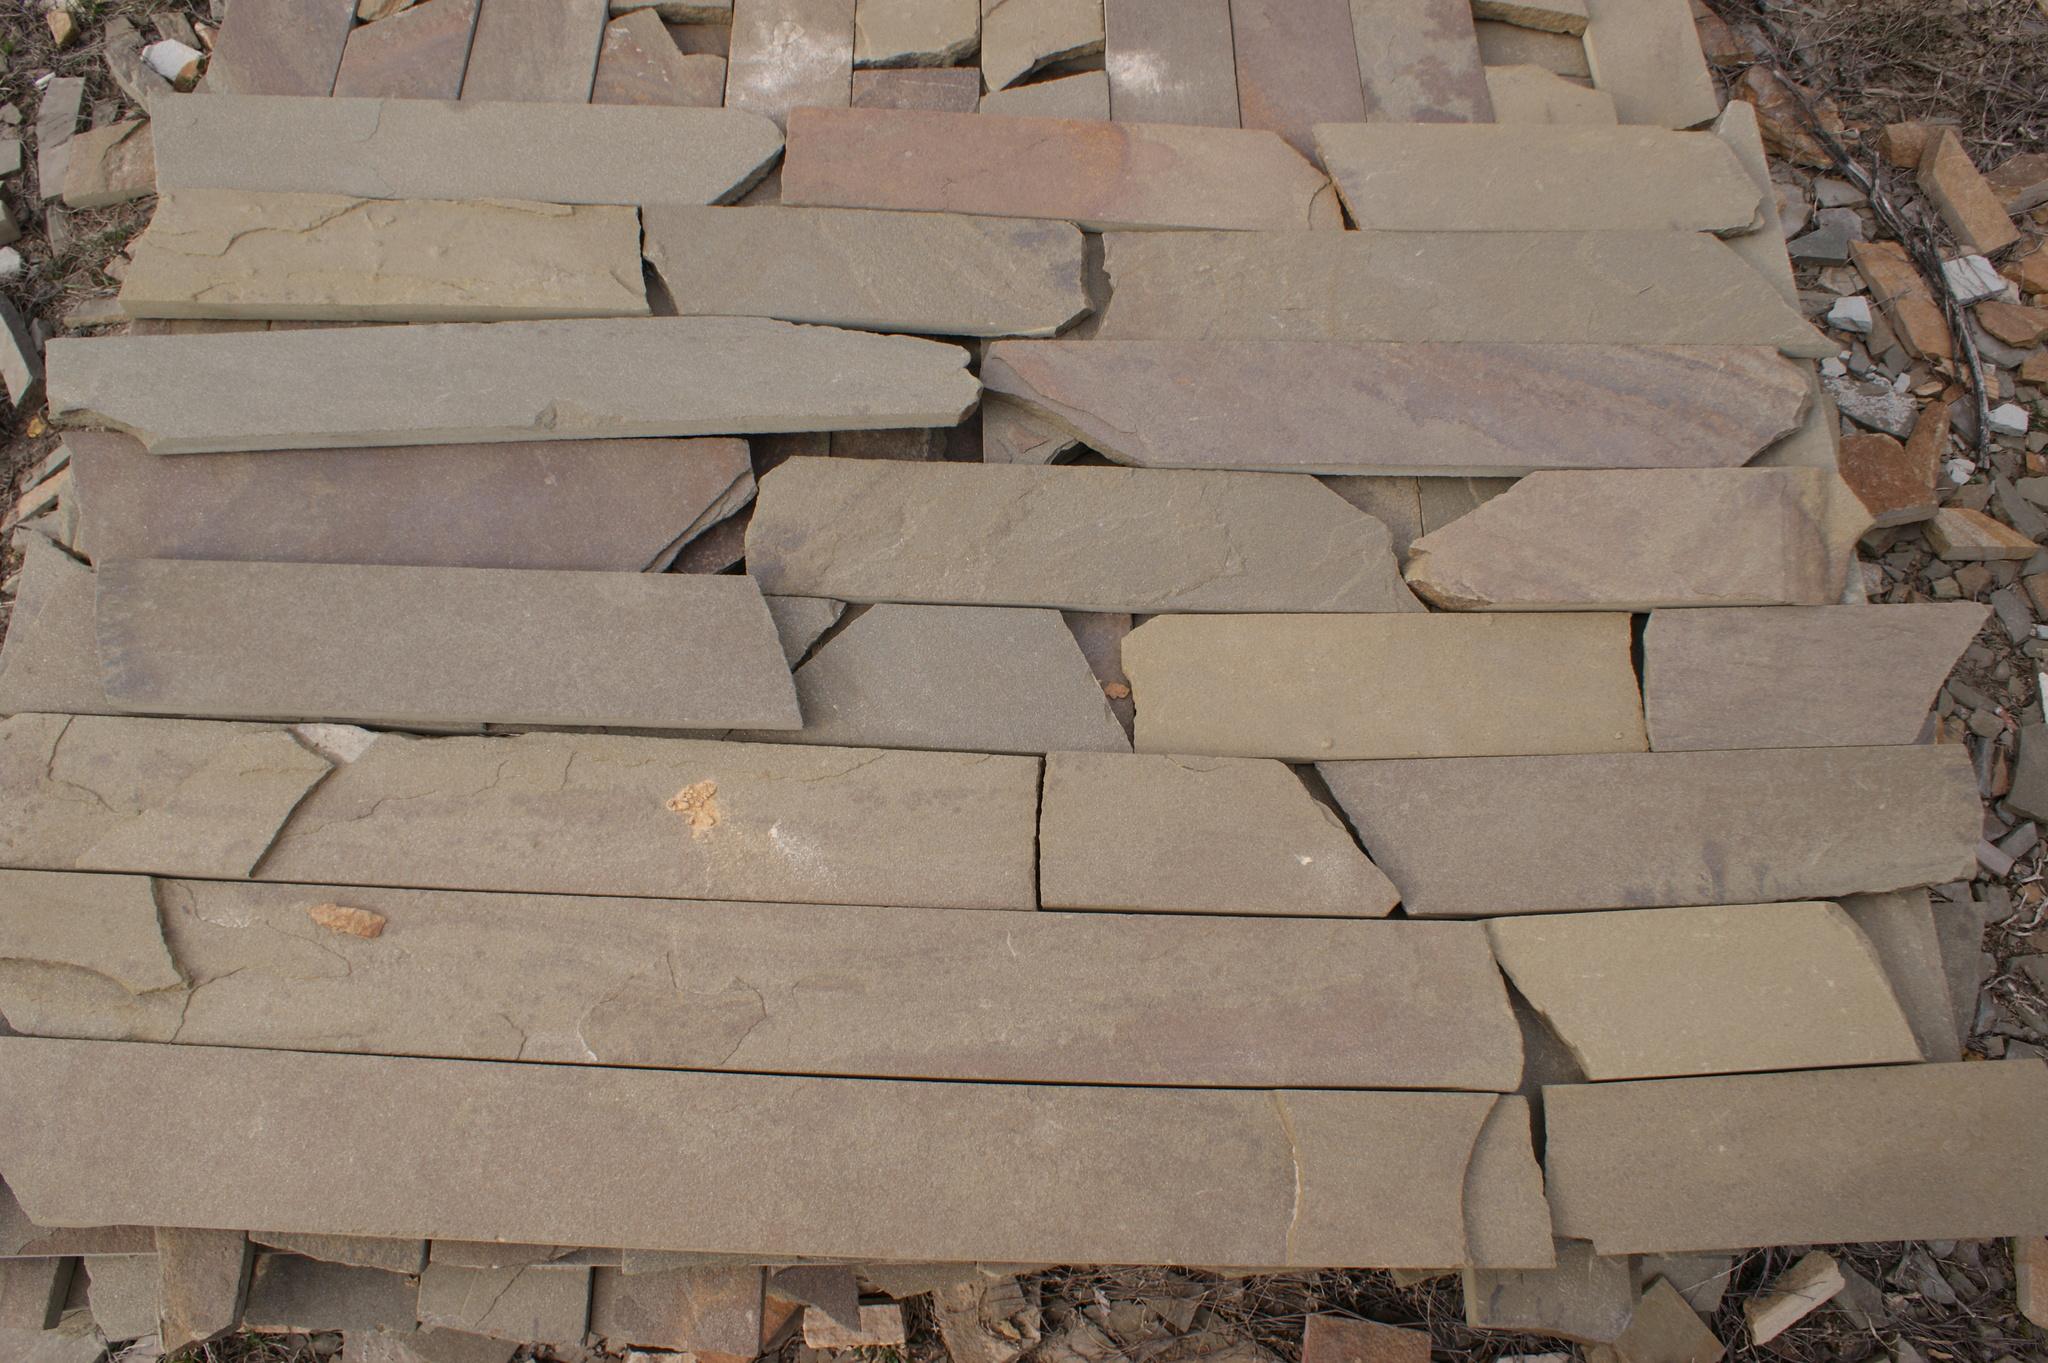 плитка песчаник серая пиленная с 2-х сторон, образец для облицовки на карьере